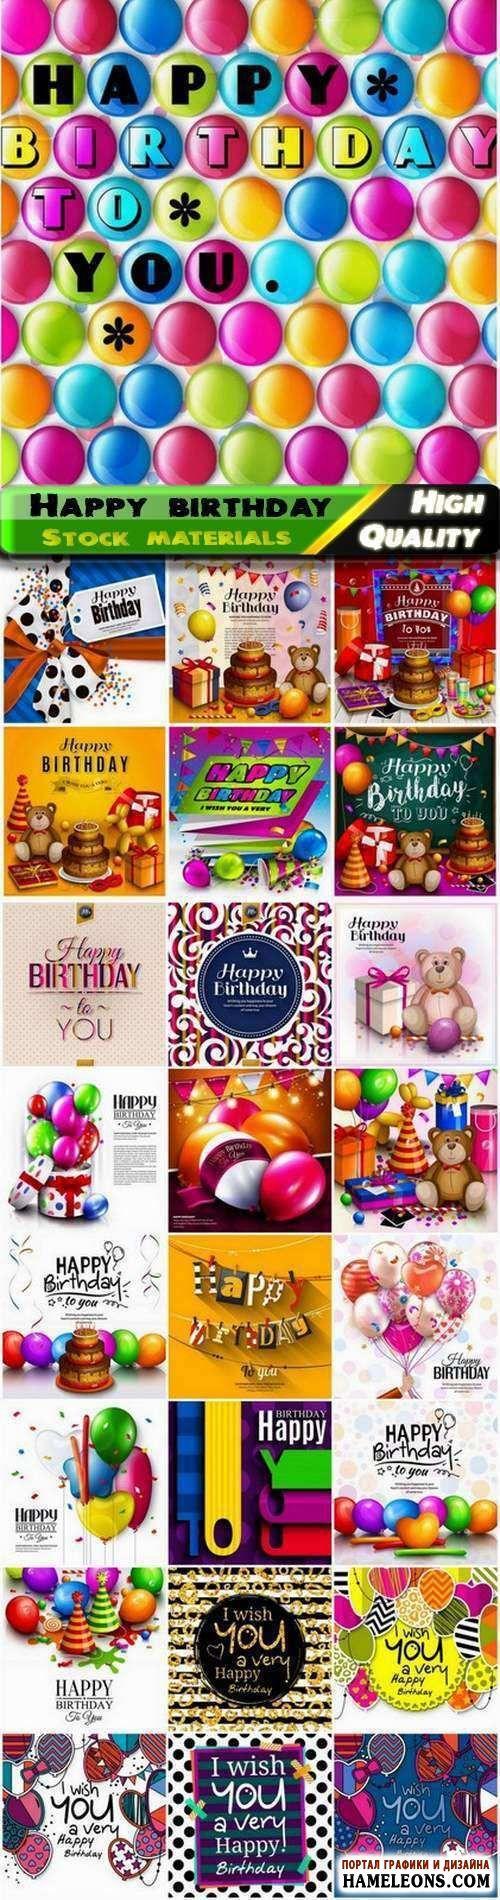 Векторные открытки ко Дню Рождения с праздничными элементами: подарки, шары, торт, мишка | Greeting happy birthday card with balloon confetti cake gift